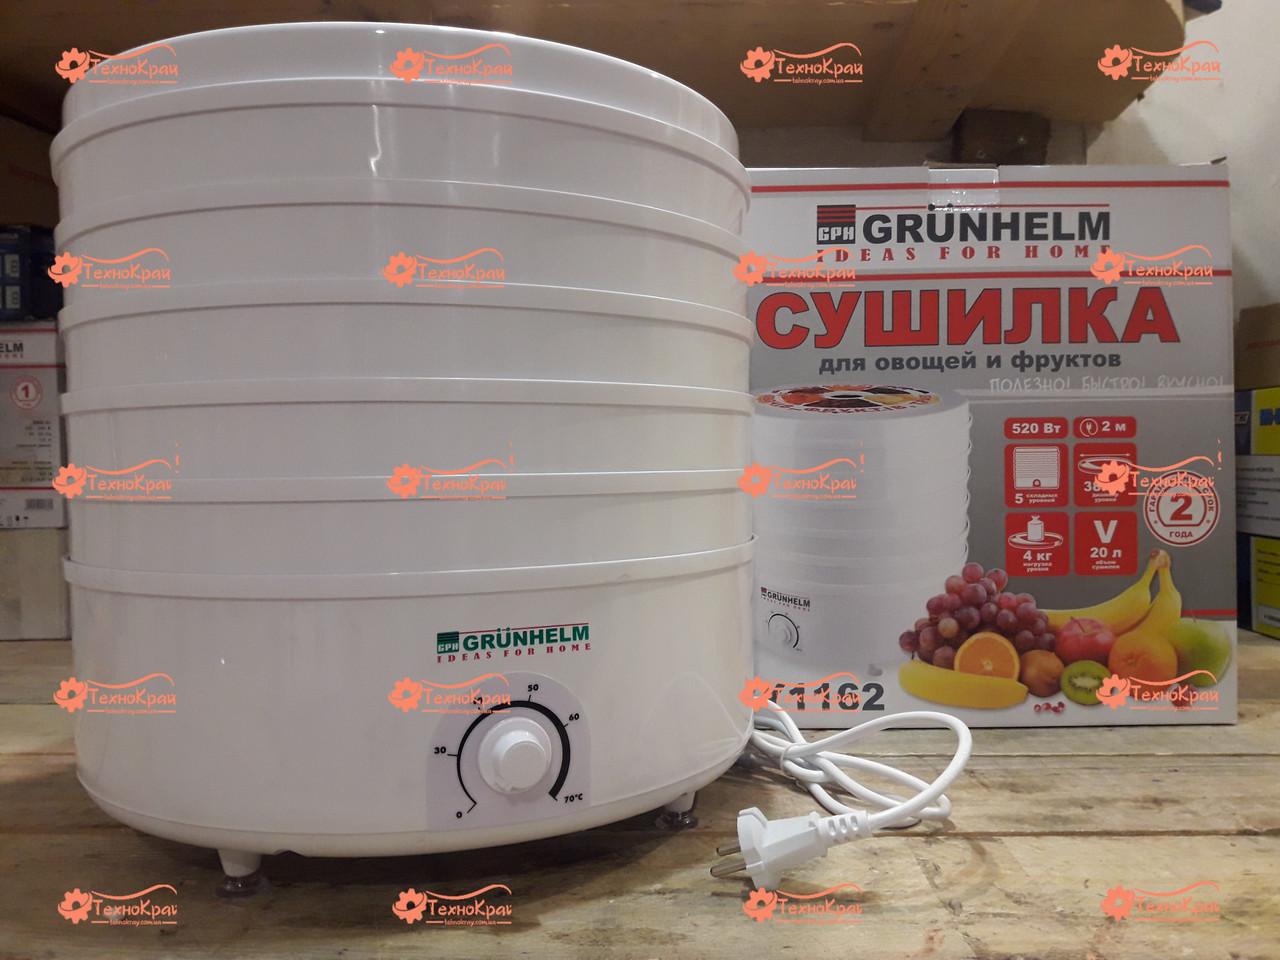 Сушилка для овощей и фруктов Grunhelm 520 Вт (5 локтов)